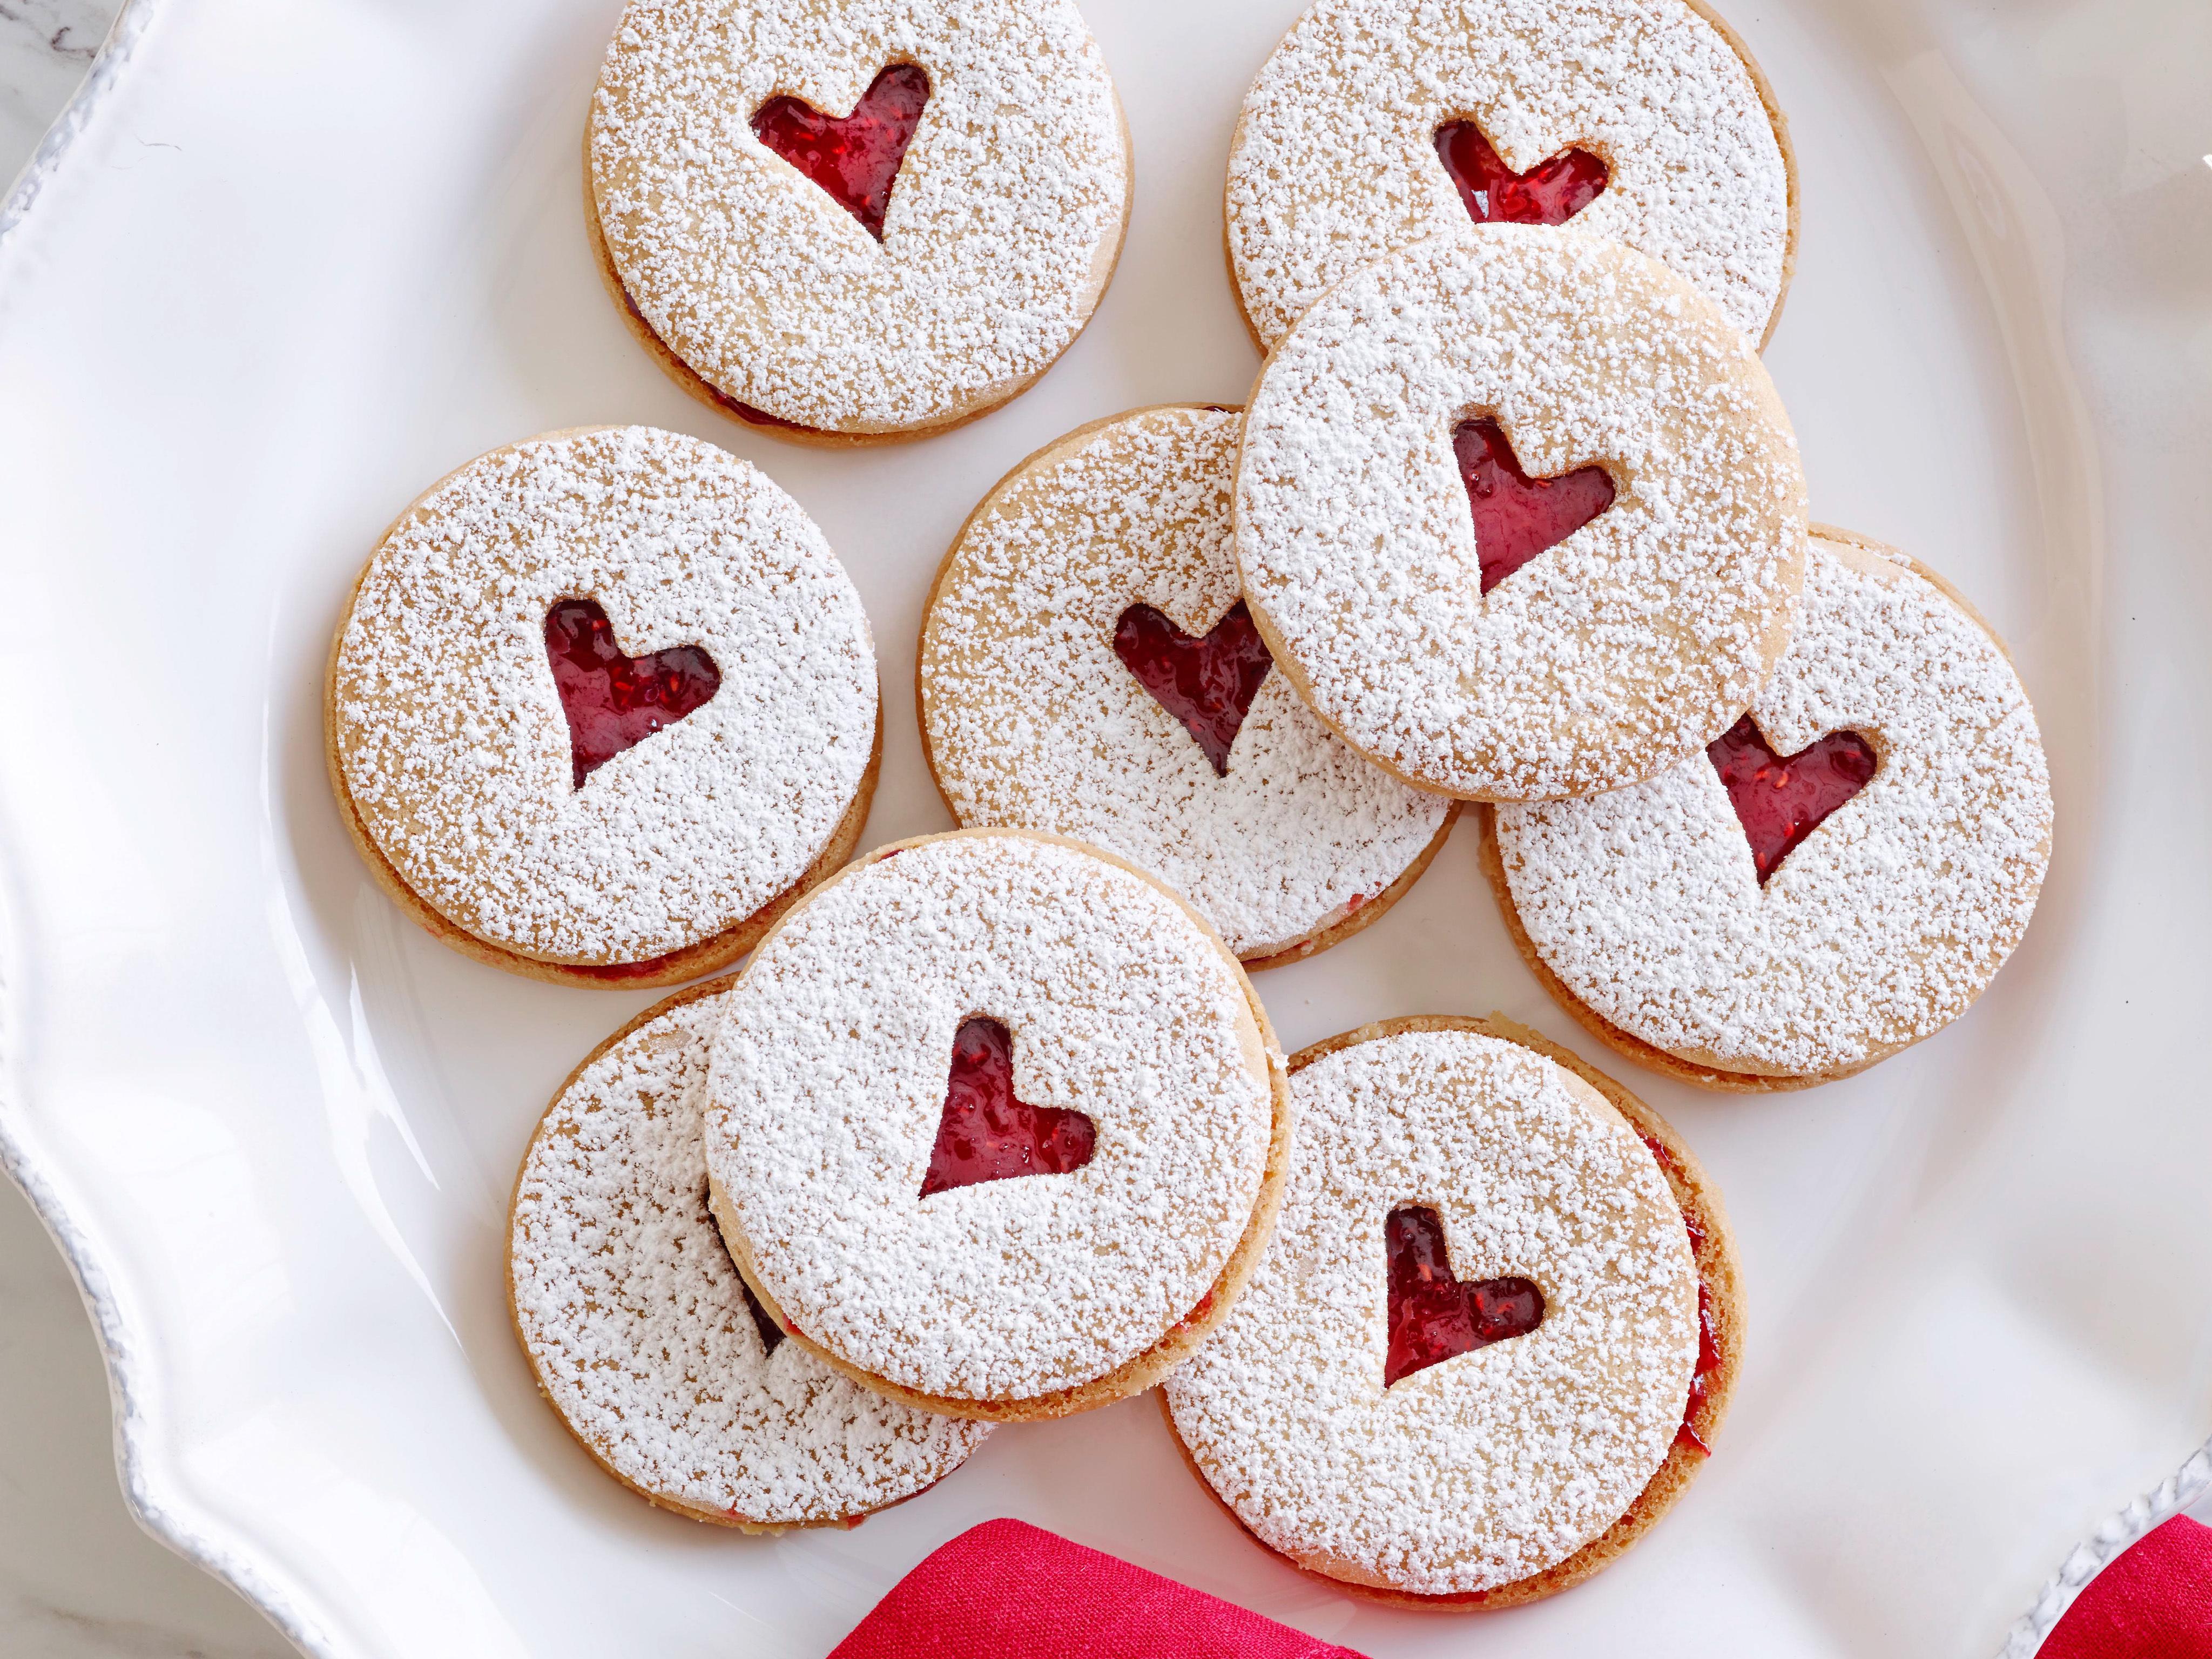 Cookies Hd Desktop